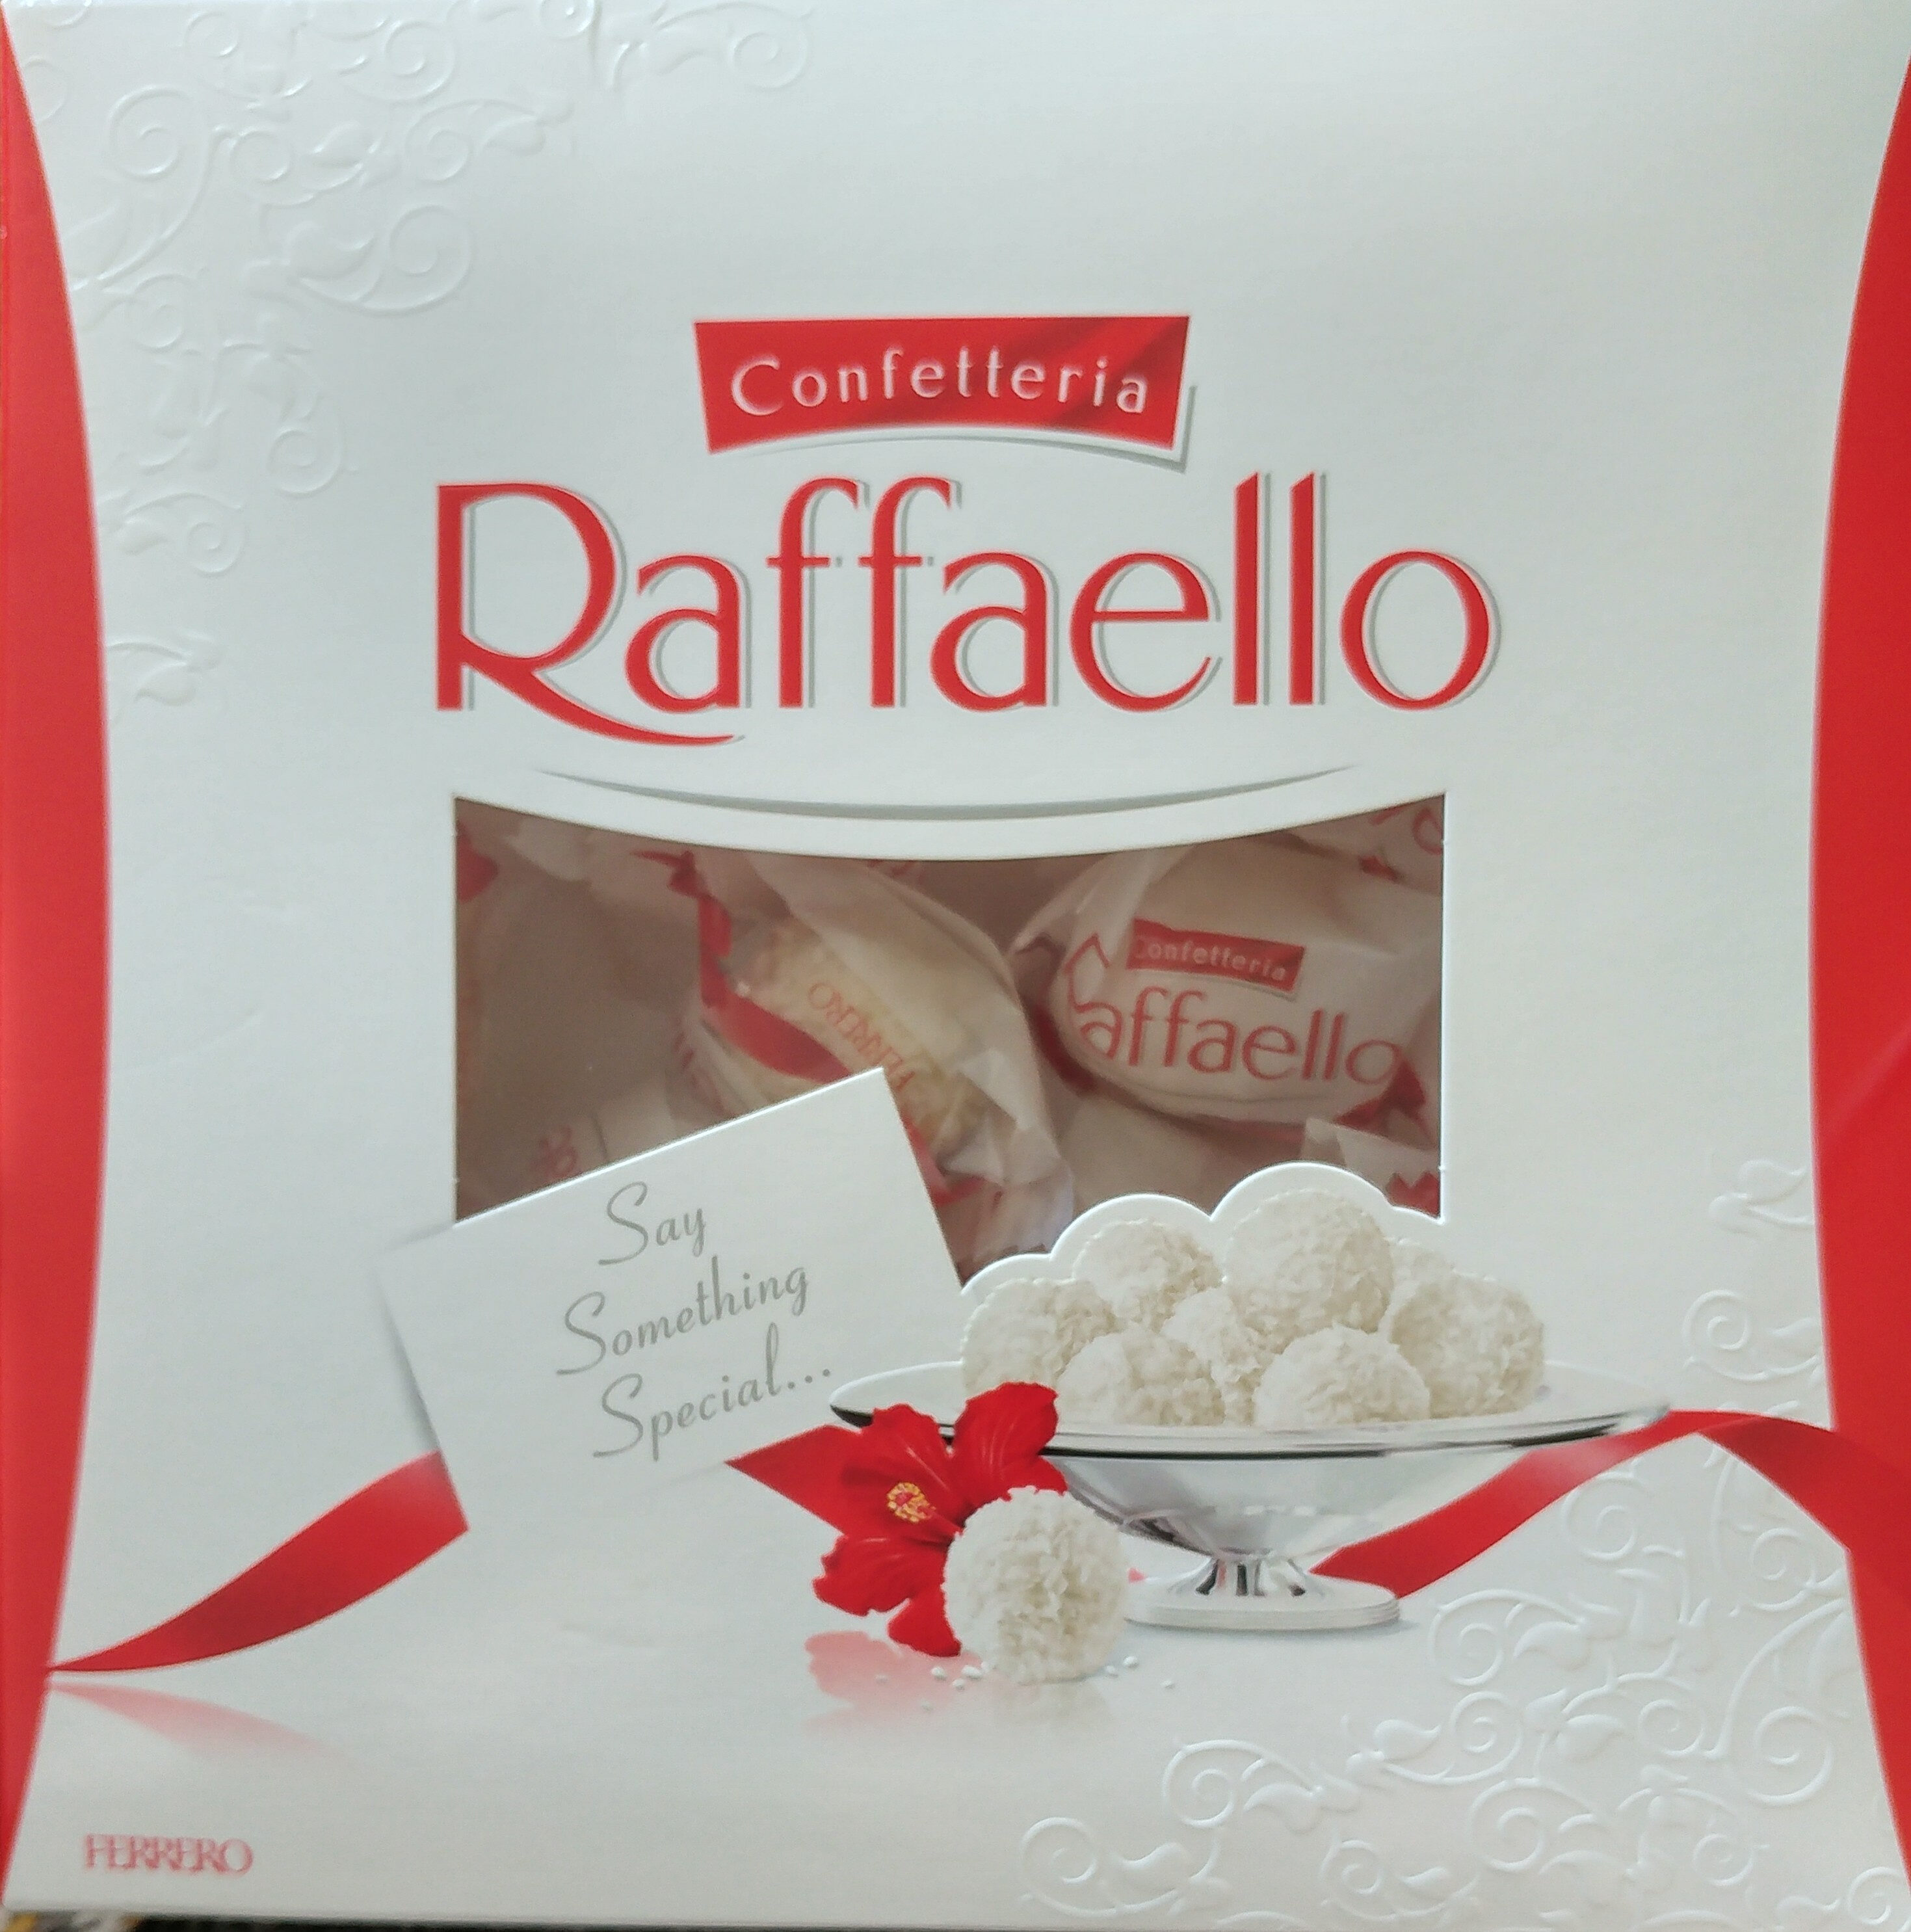 Raffaello - Product - en